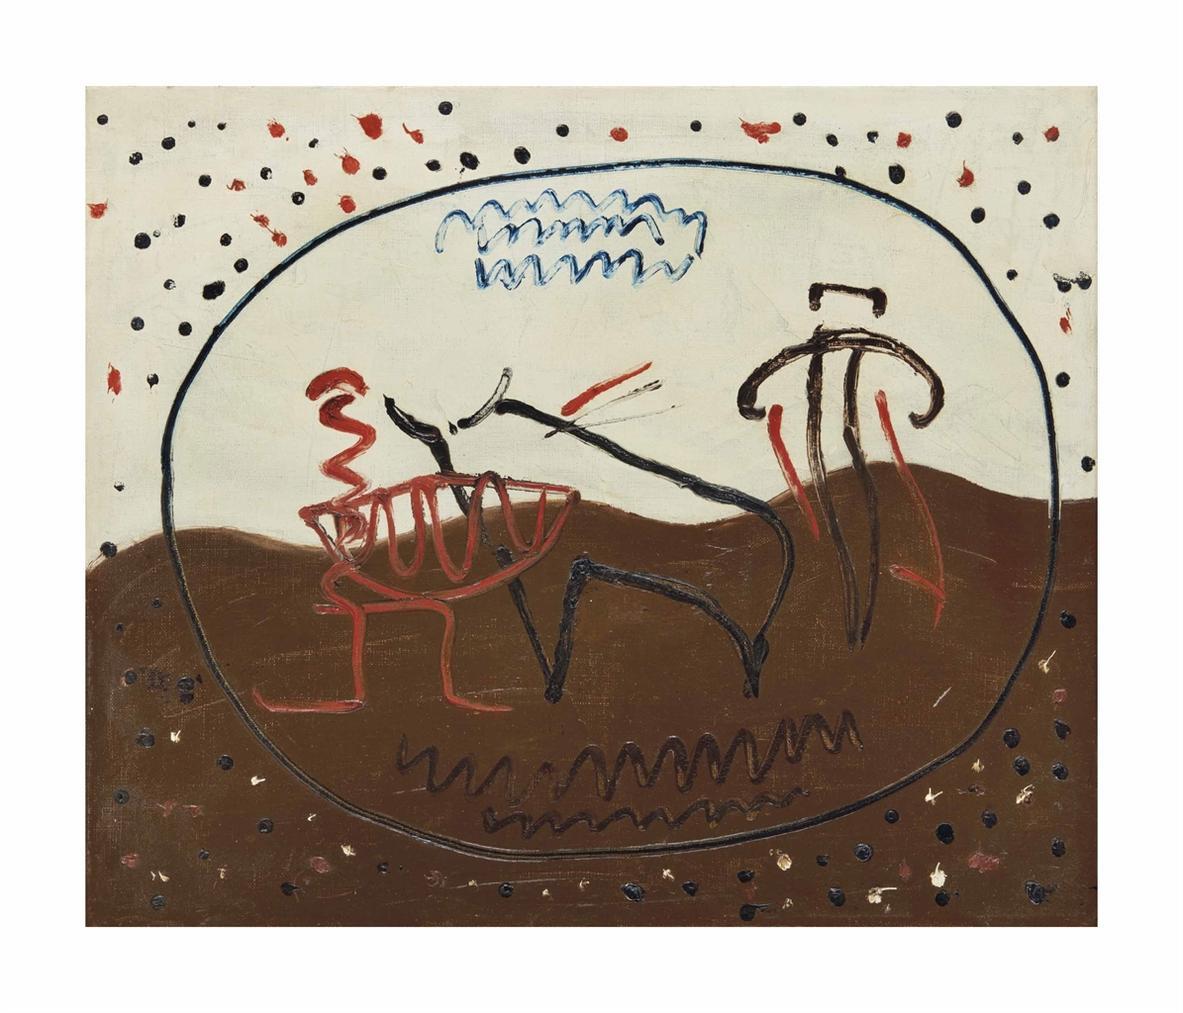 Man Ray-Course De Taureaux-1927